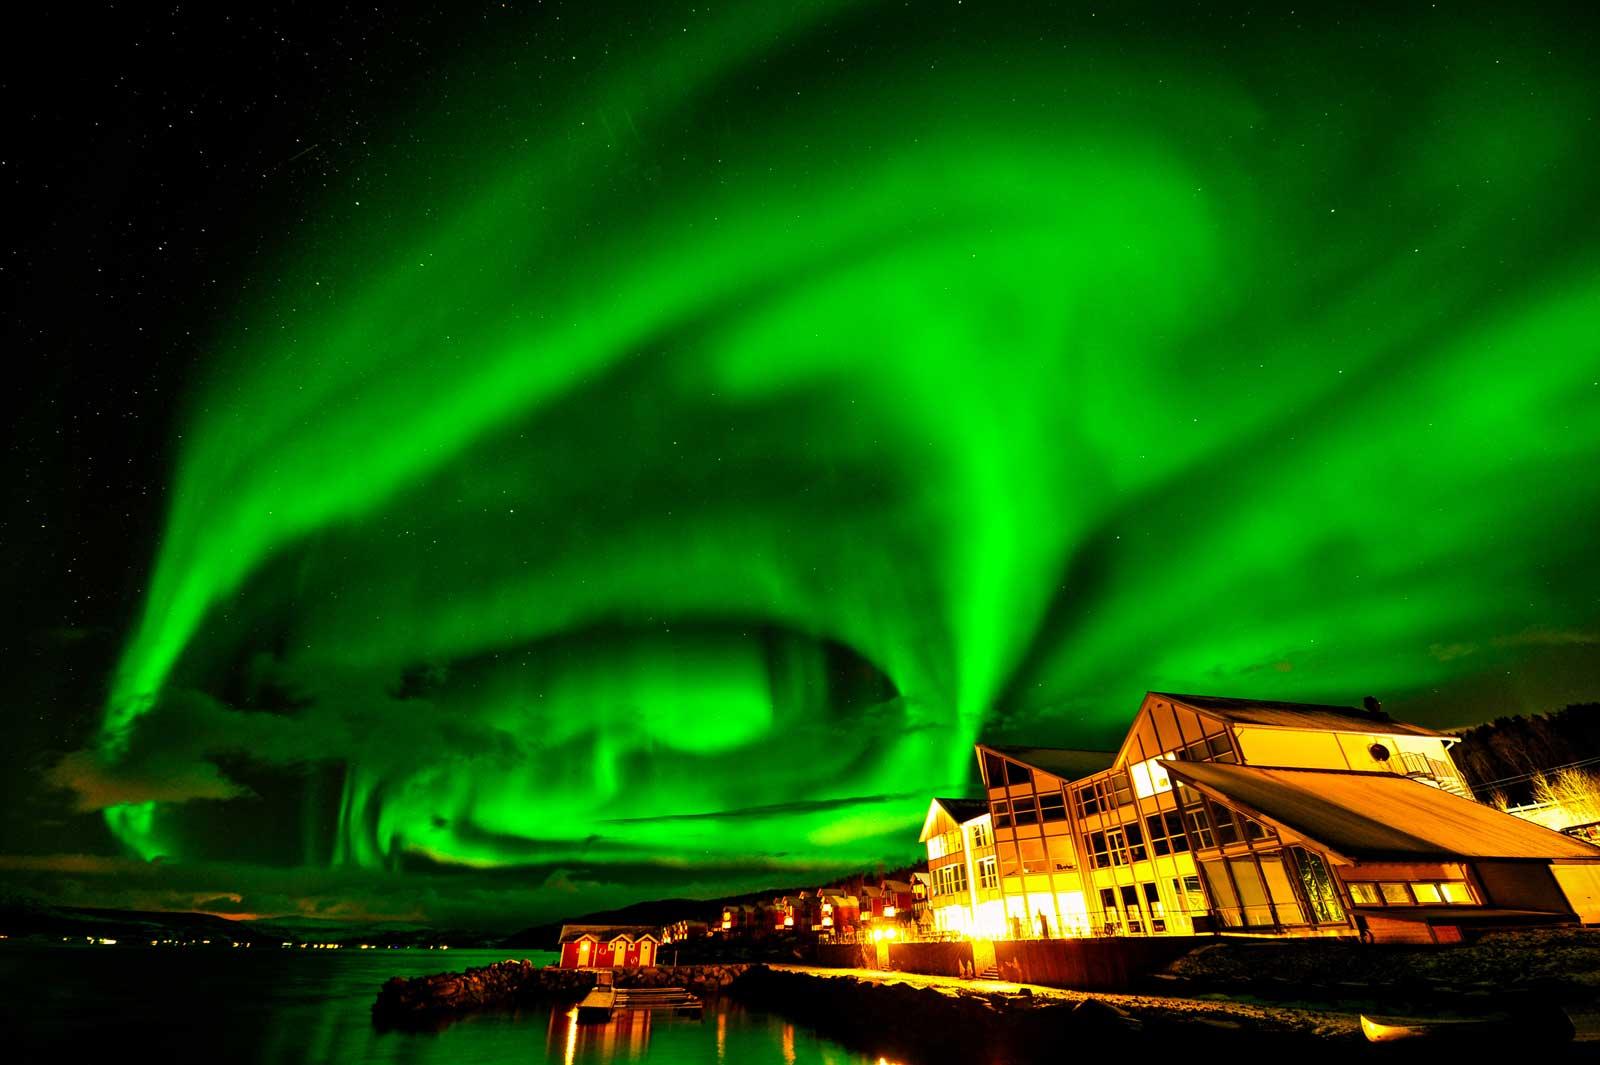 Leuchtgrün schimmernde Nordlichter die einem den Atem stocken lassen